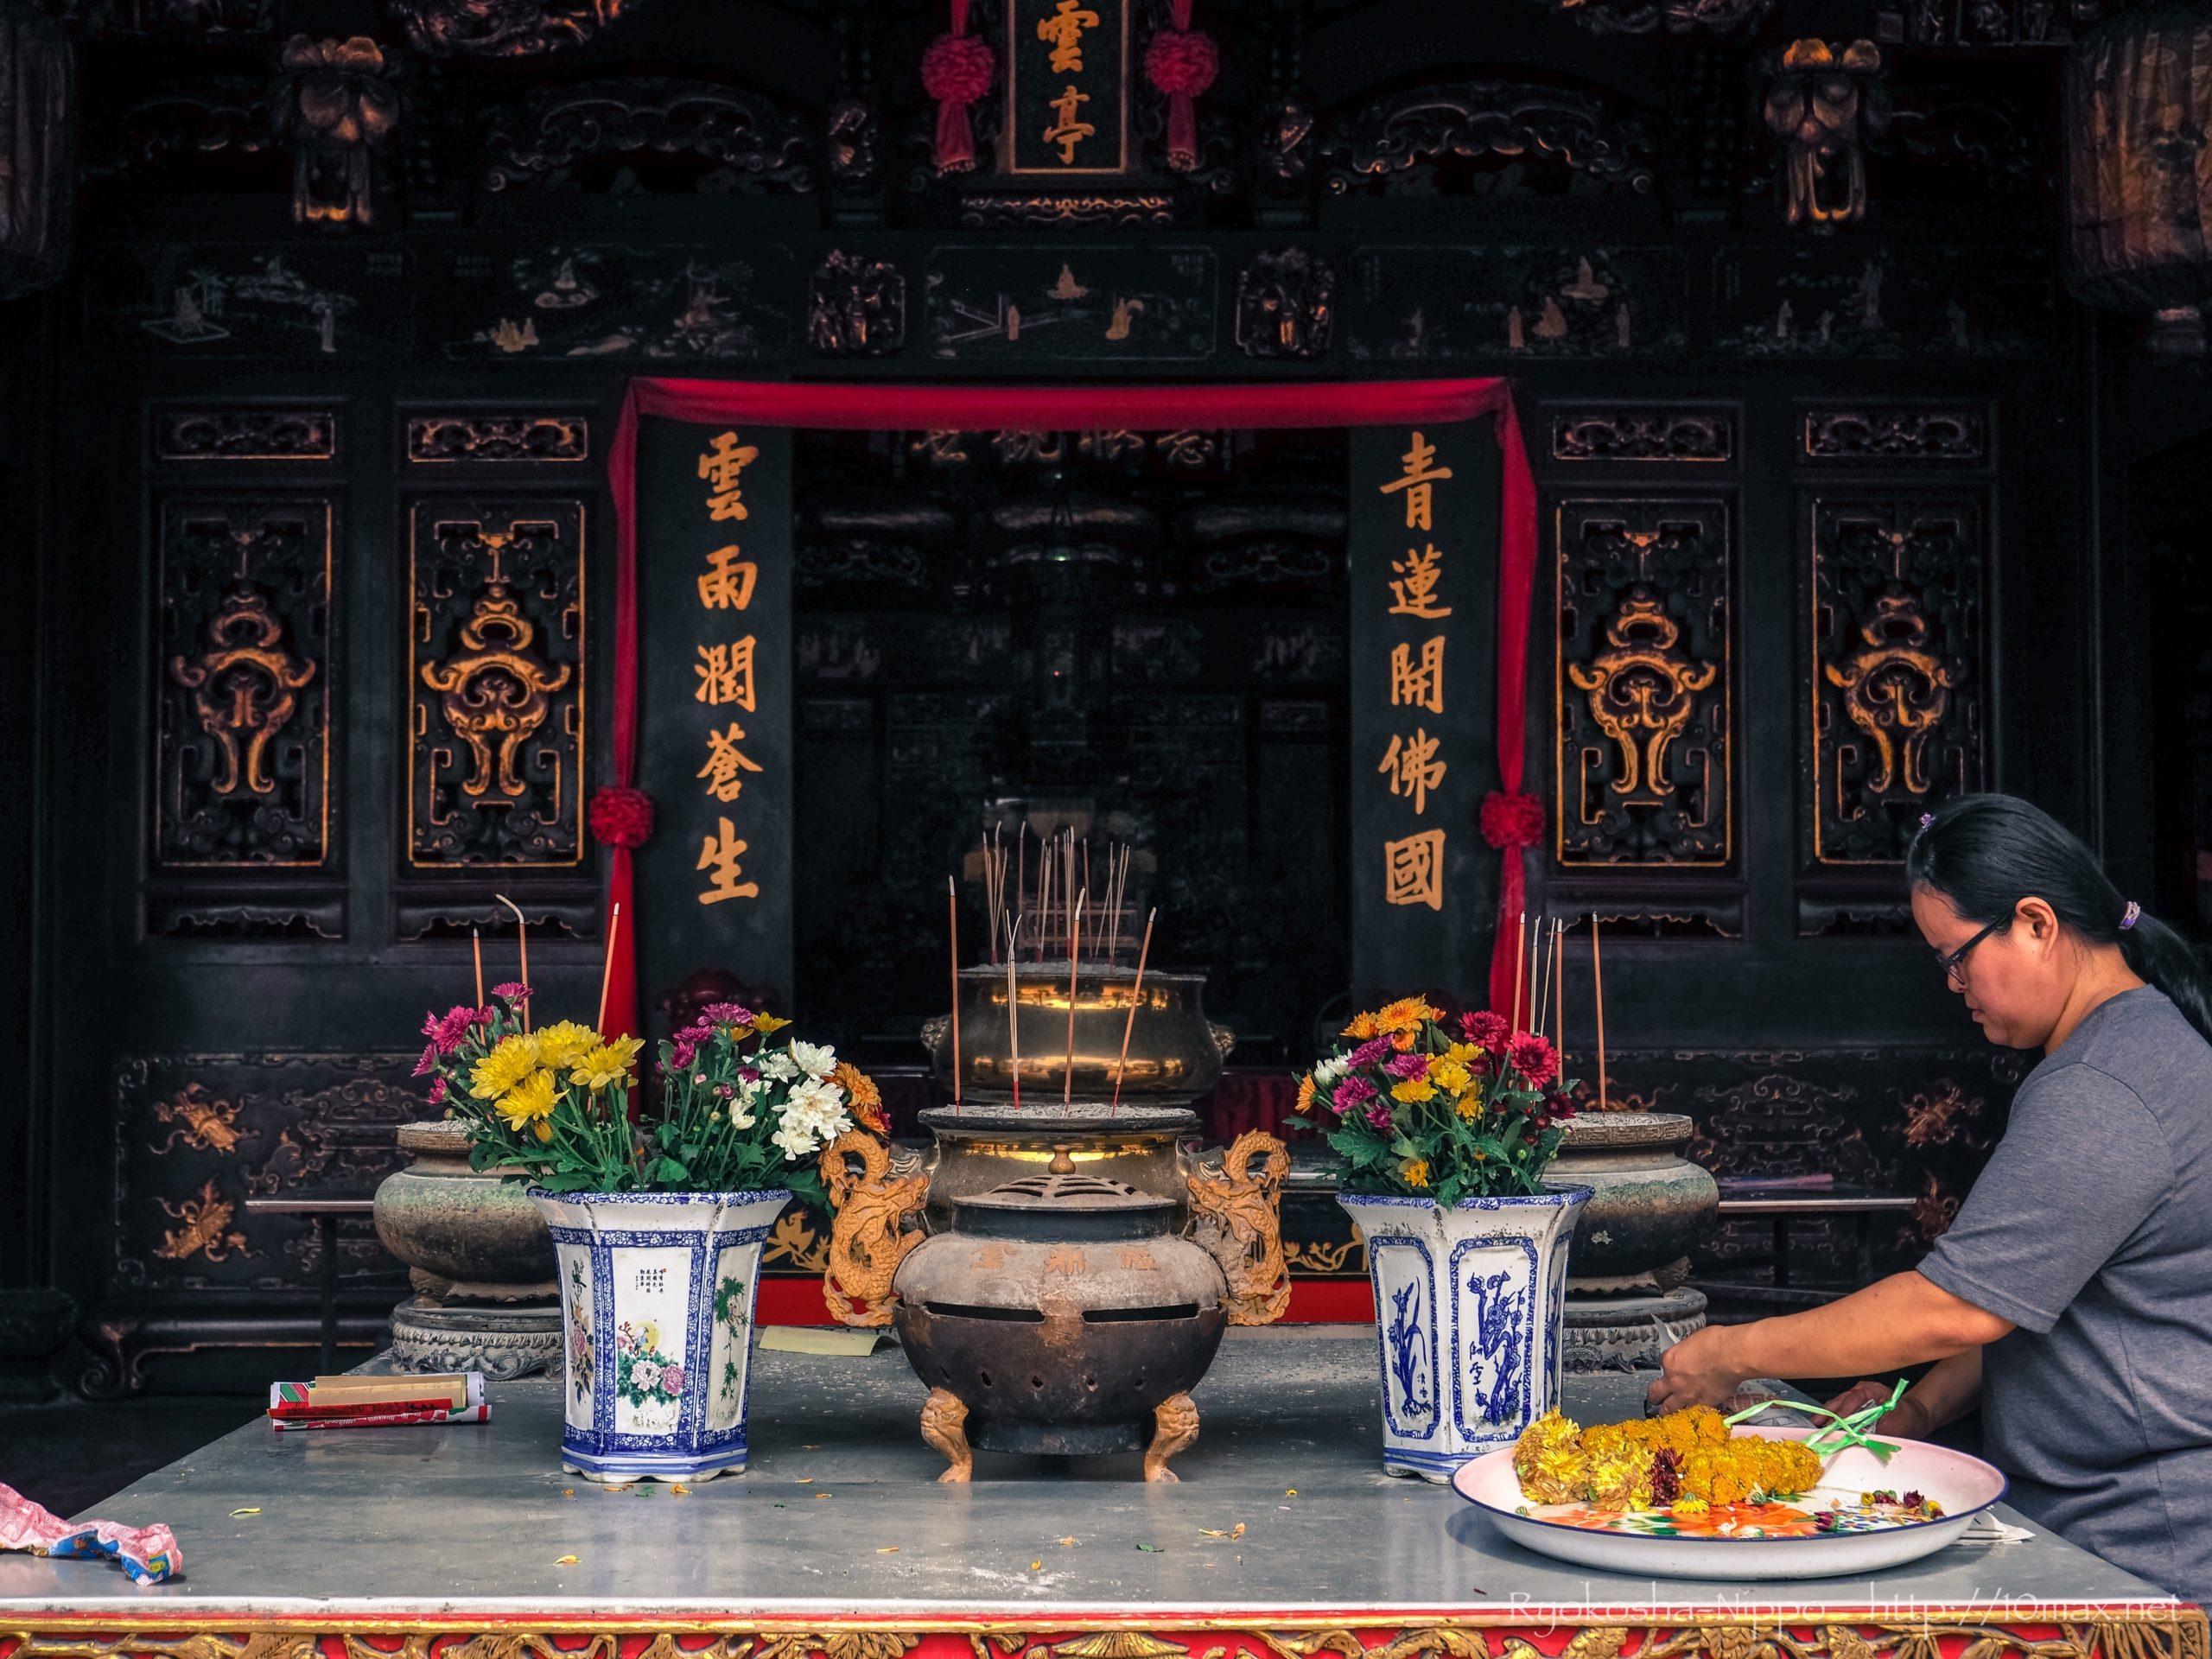 マラッカ マレーシア 青雲亭(チェンフーテン)仏教寺院